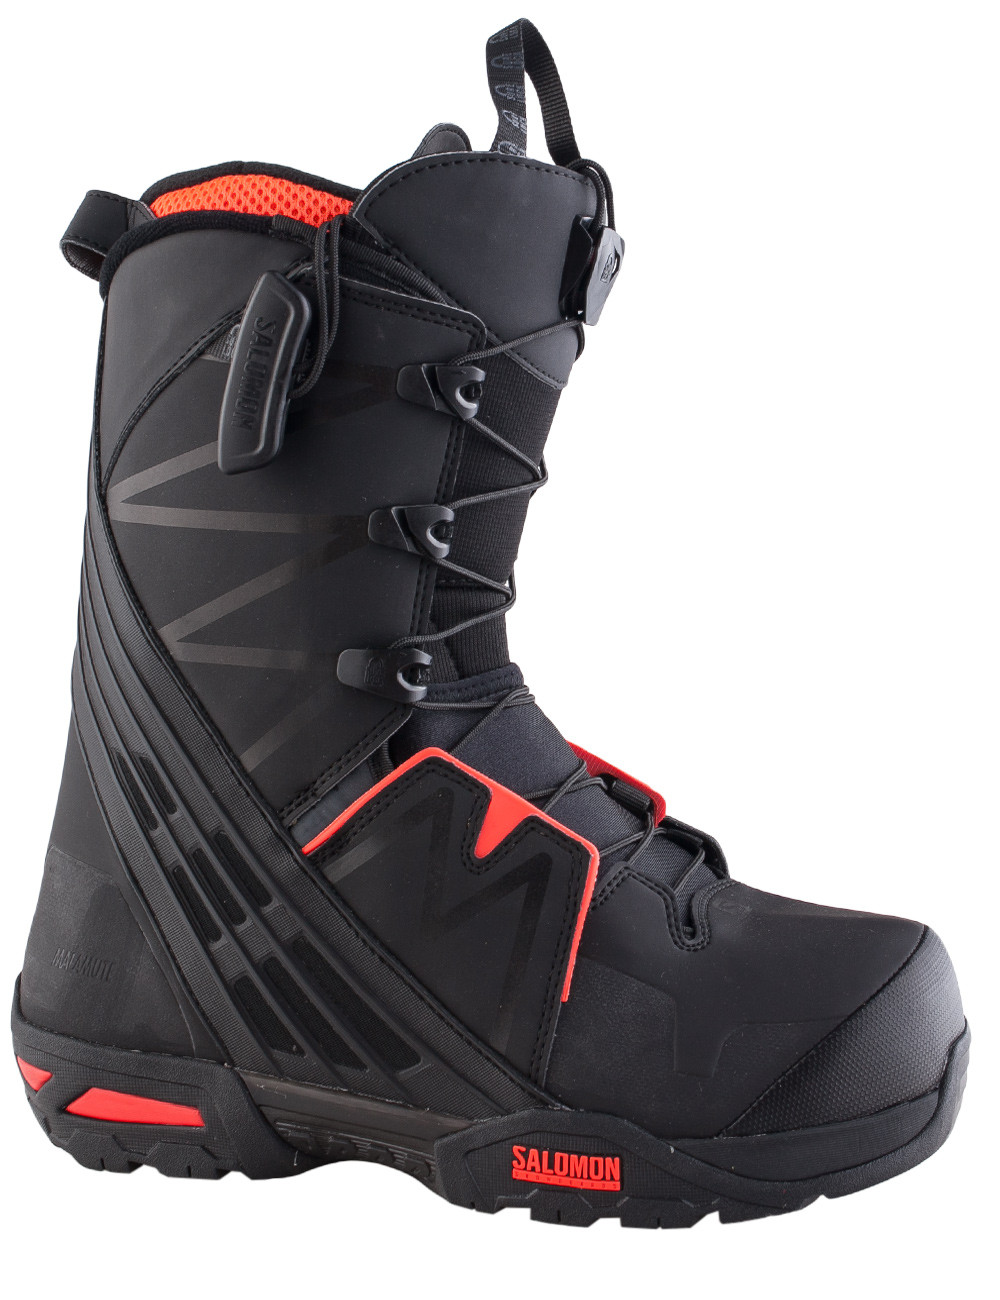 Salomon Malamute buty snowboardowe jak nowe 27.5